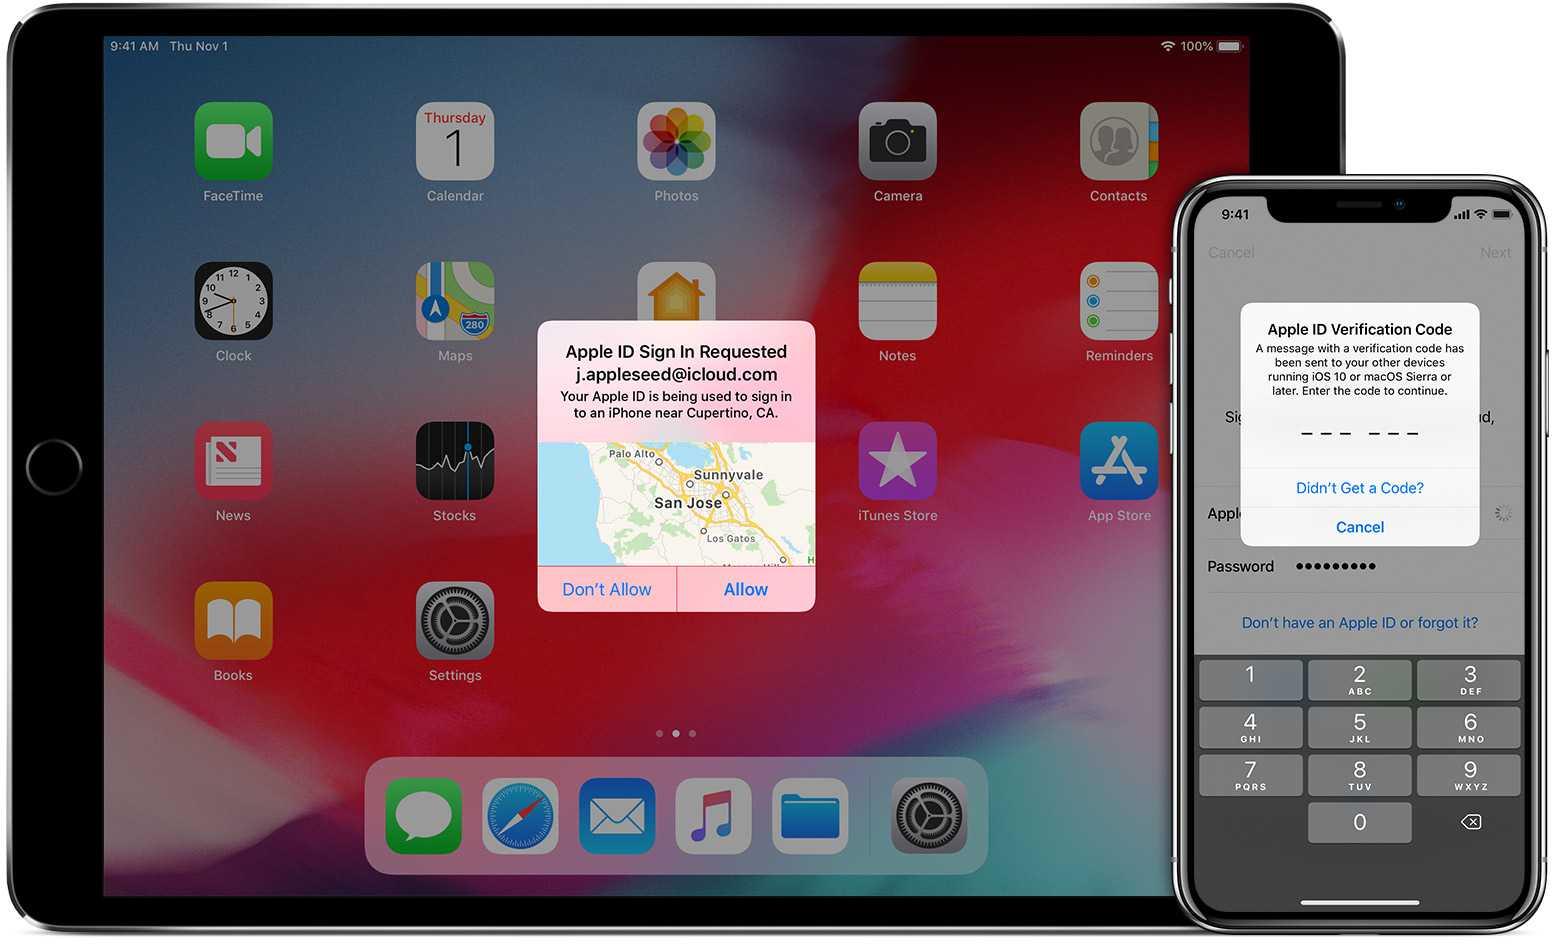 Zur Einrichtigung der Zwei-Faktor-Authentifizierung ist ein iPhone, iPad oder Mac erforderlich.